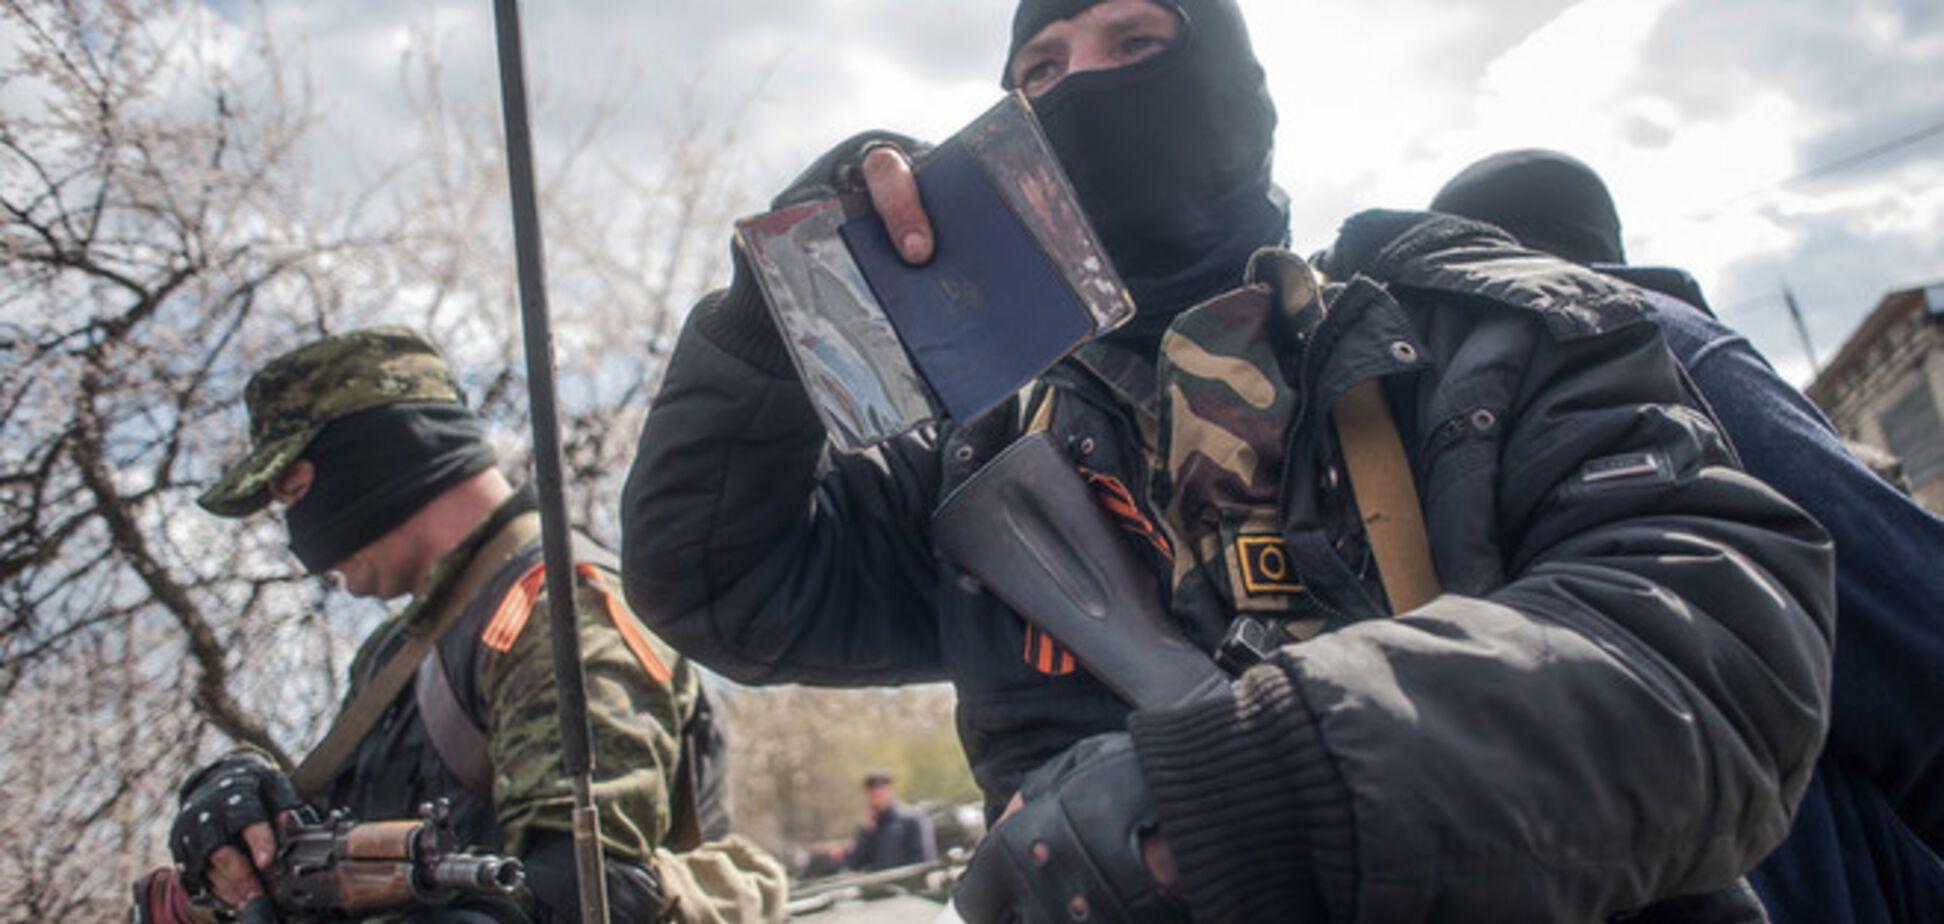 Захваченную в плен главу ОИК в Донецке освободили - СМИ